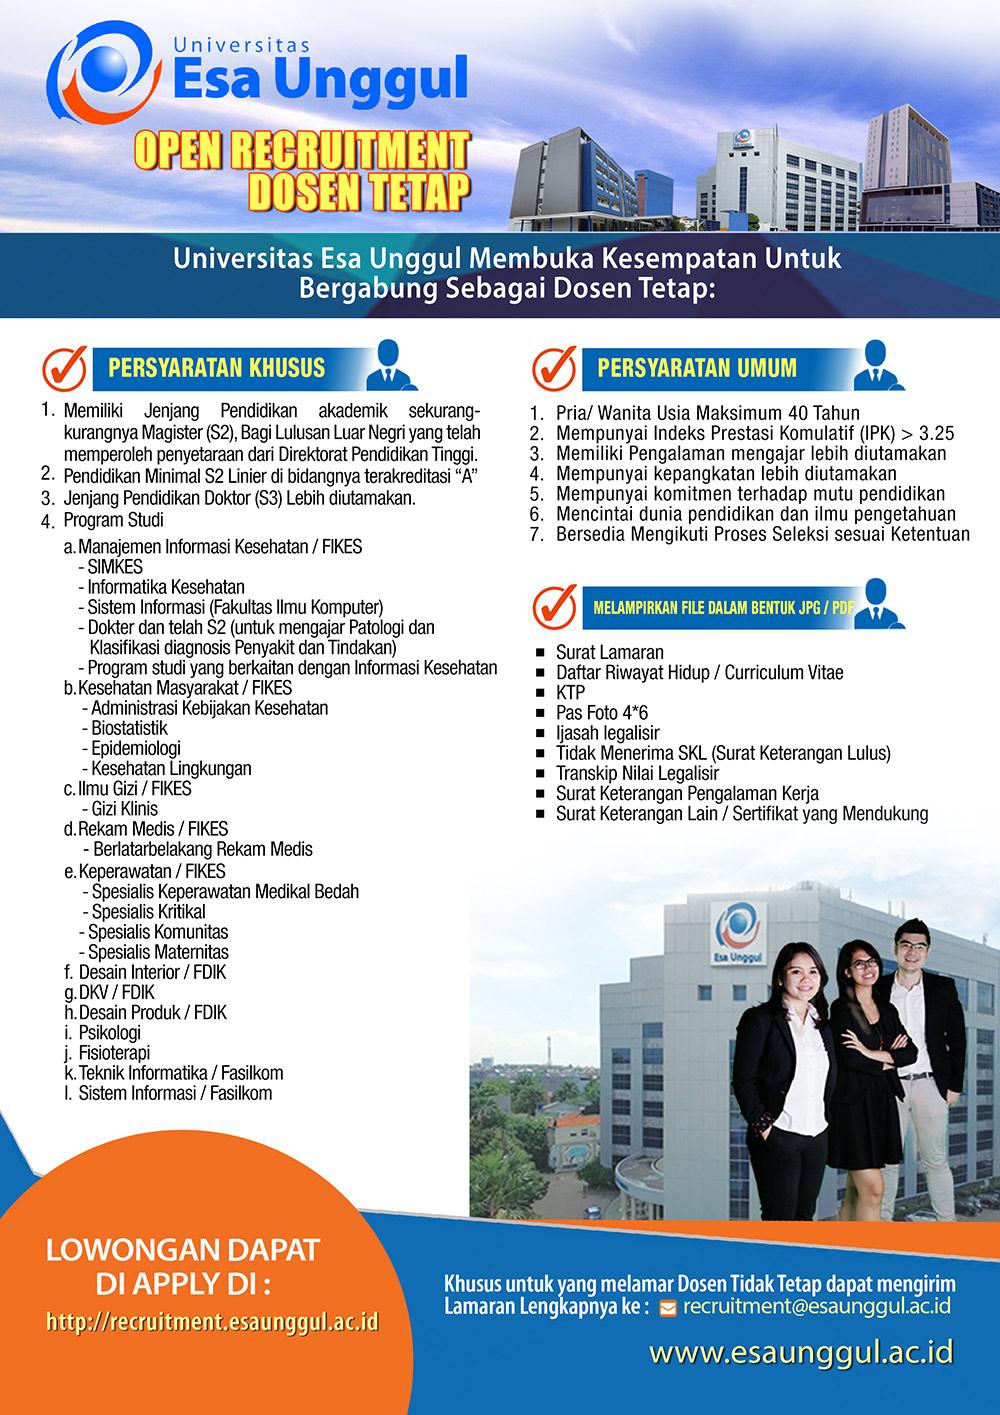 Lowongan Kerja Dosen Tetap Program S1 dan S2 Universitas Esa Unggul